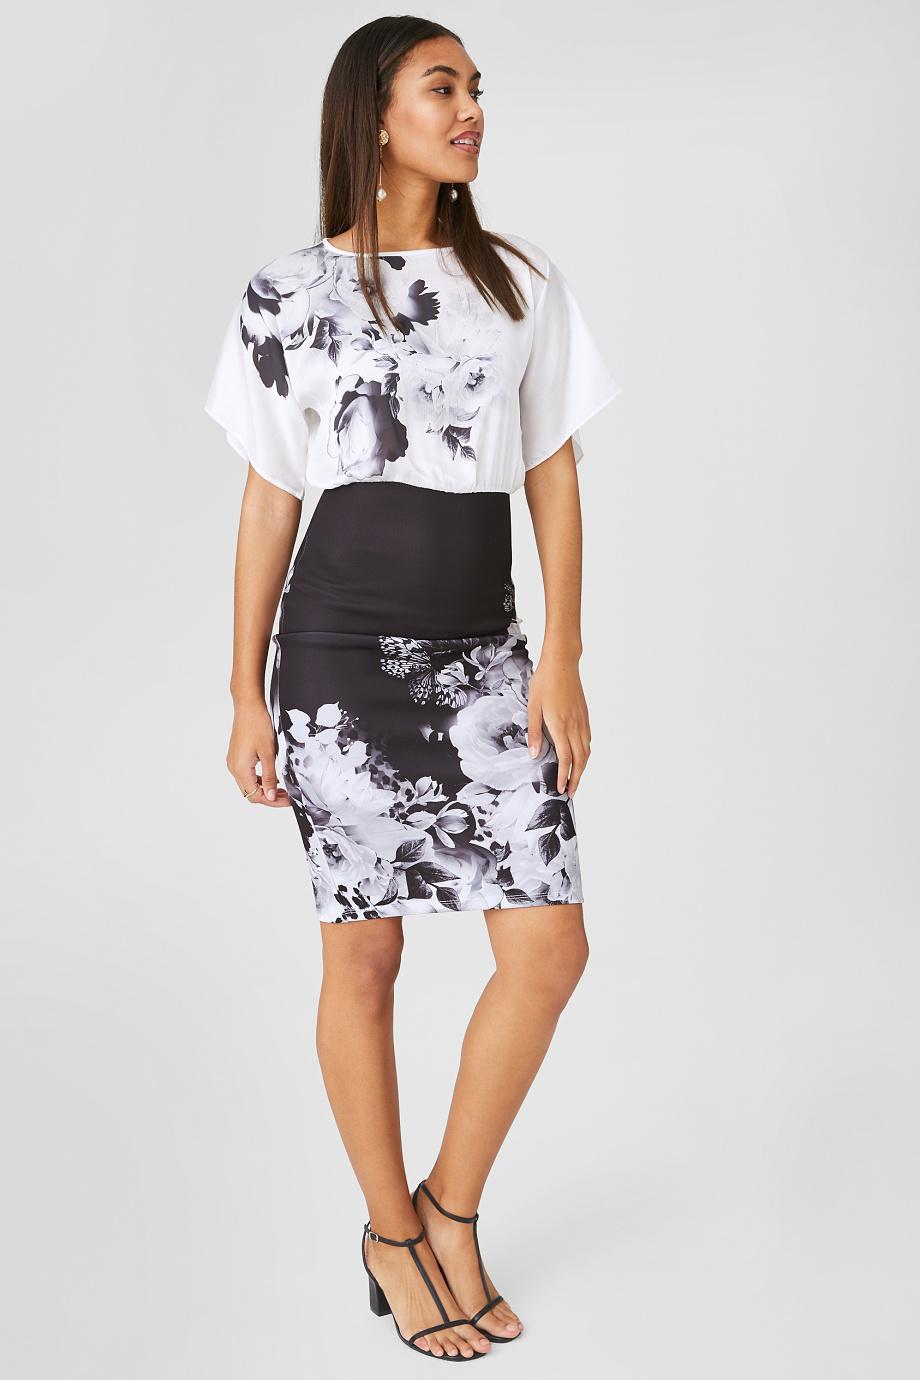 Отзыв на Липцы - Платье празднично из Интернет-Магазина C&A